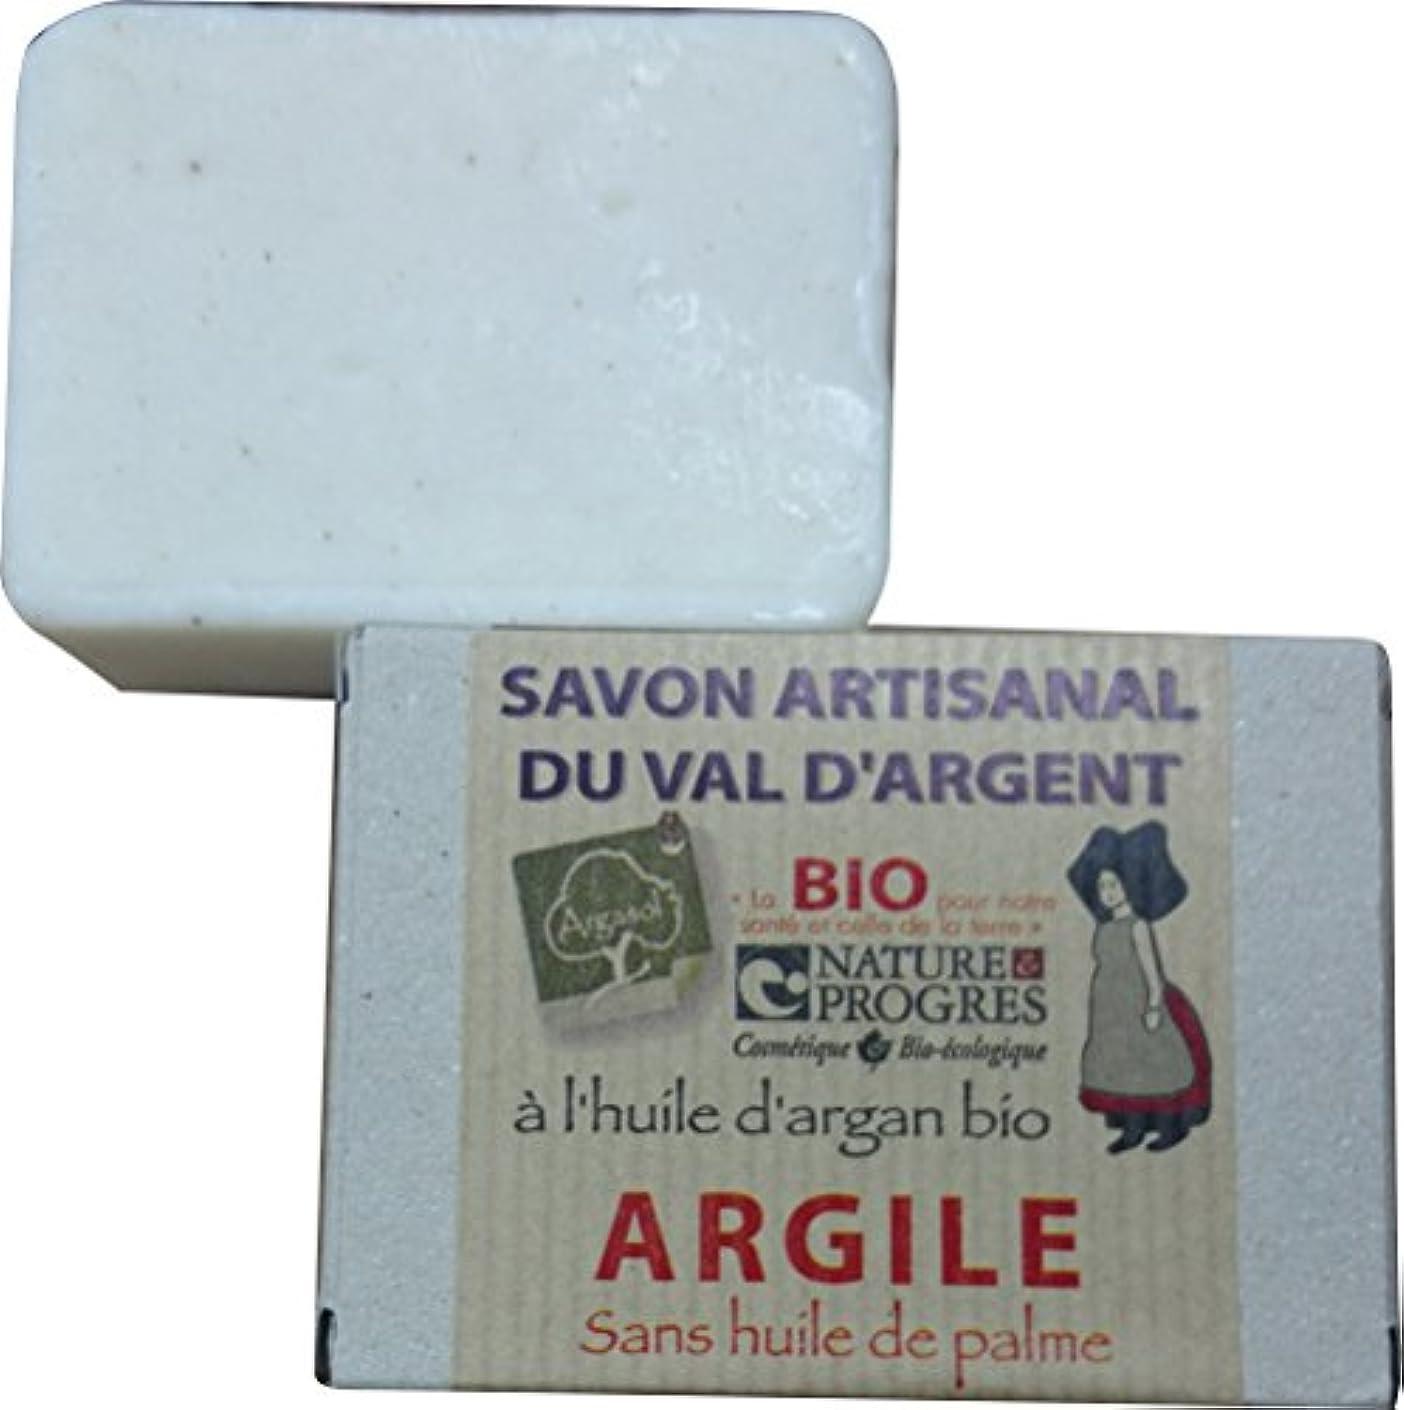 状成功したリーチサボン アルガソル(SAVON ARGASOL) クレイ